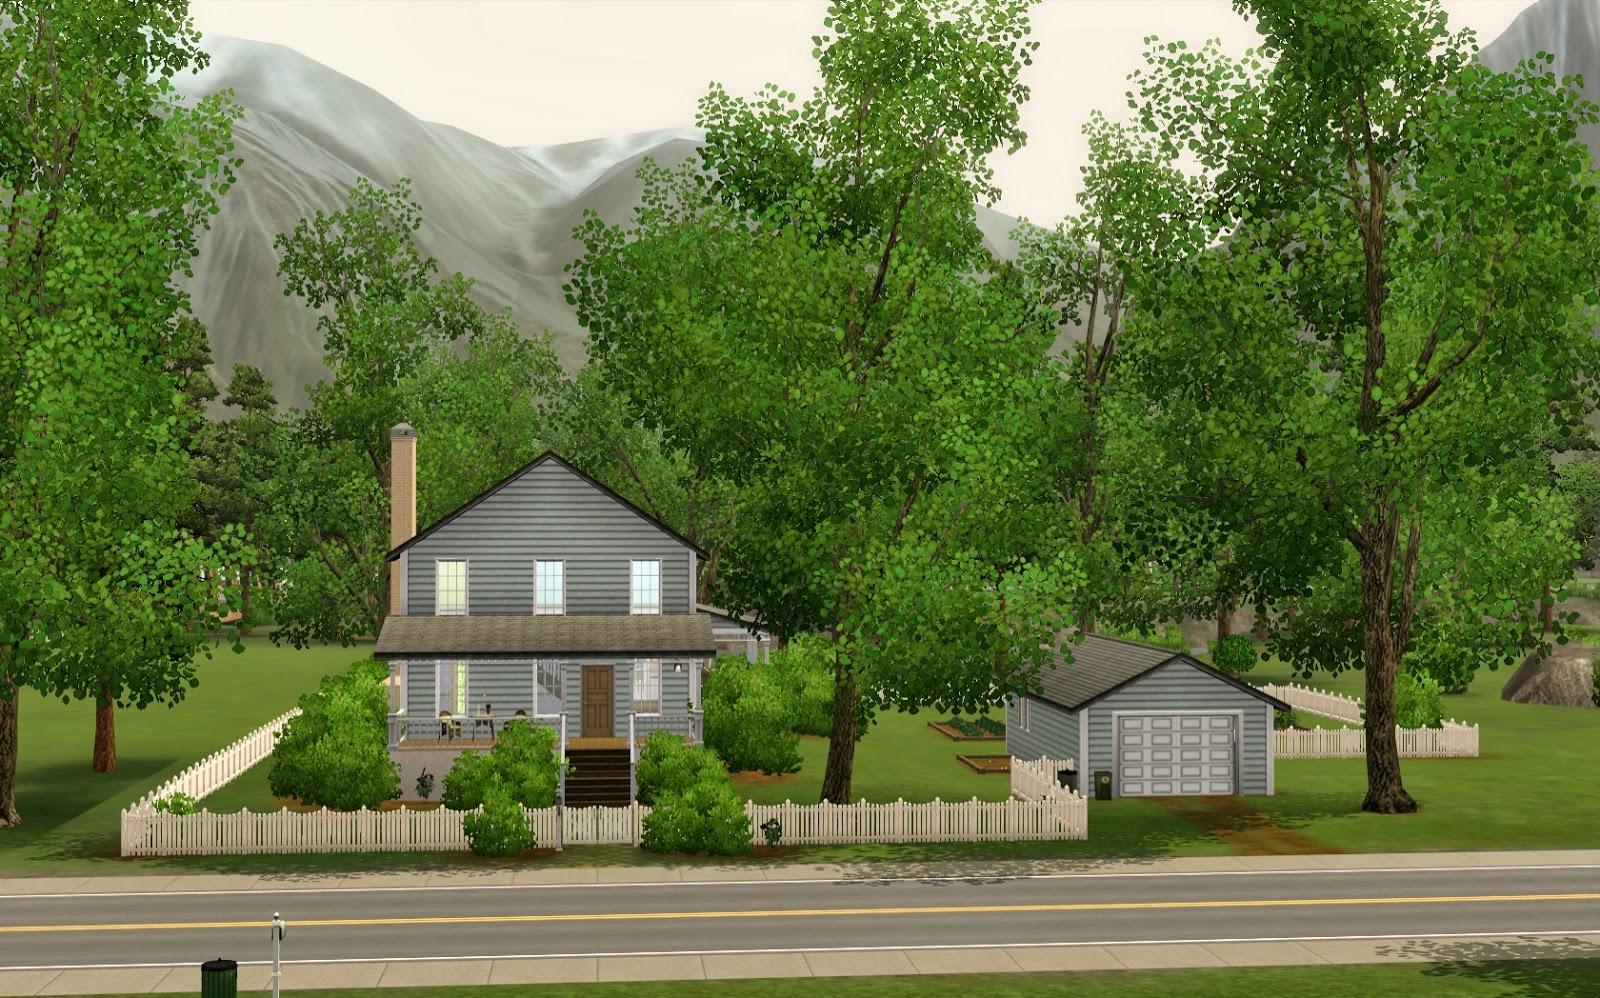 Summers Little Sims 3 Garden Moonlight Falls The 3 Supernatural List Of Houses